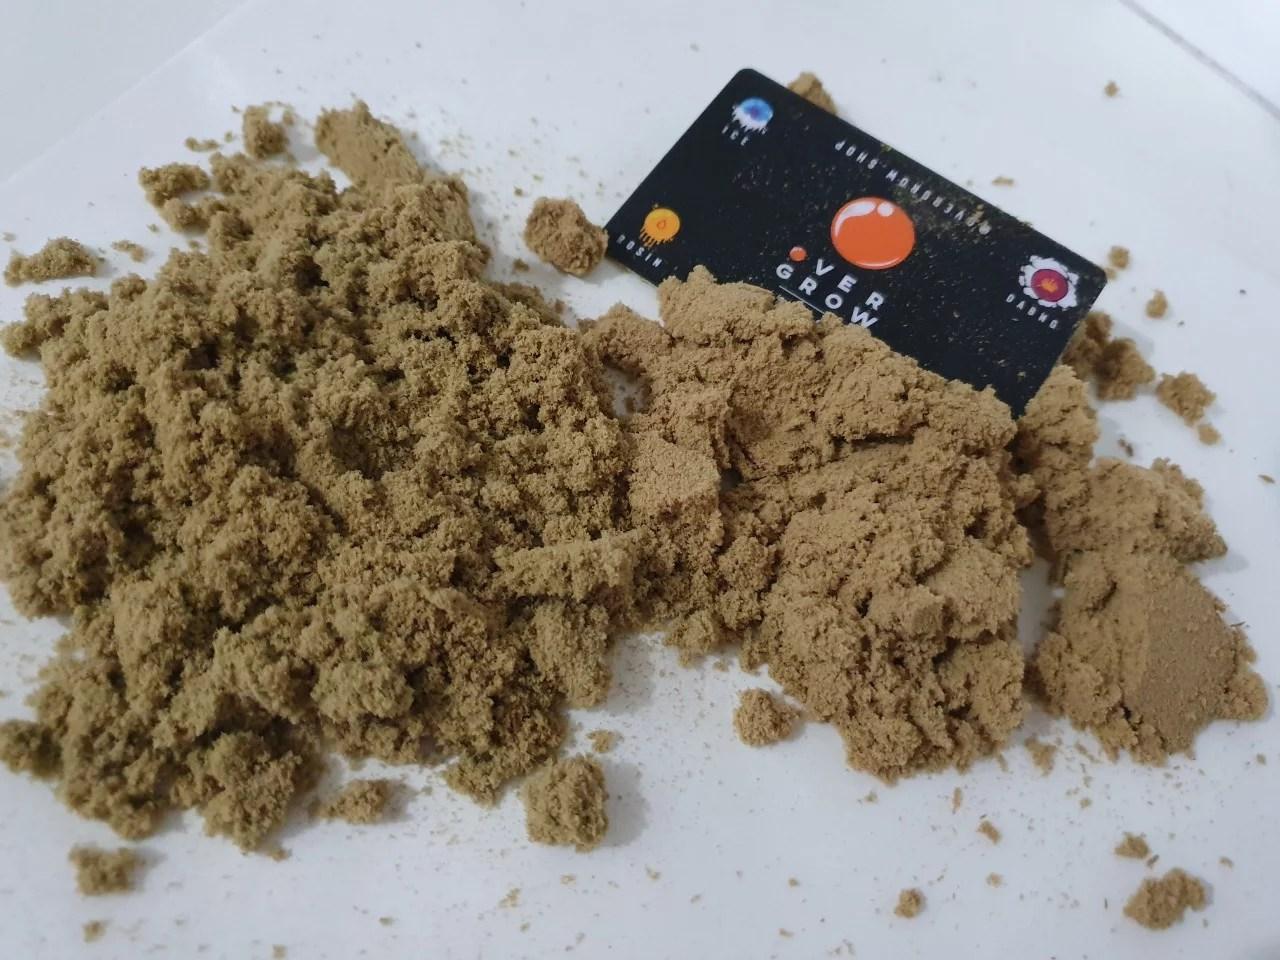 Pioneira no segmento de extrações sem solventes lança novidade, confira